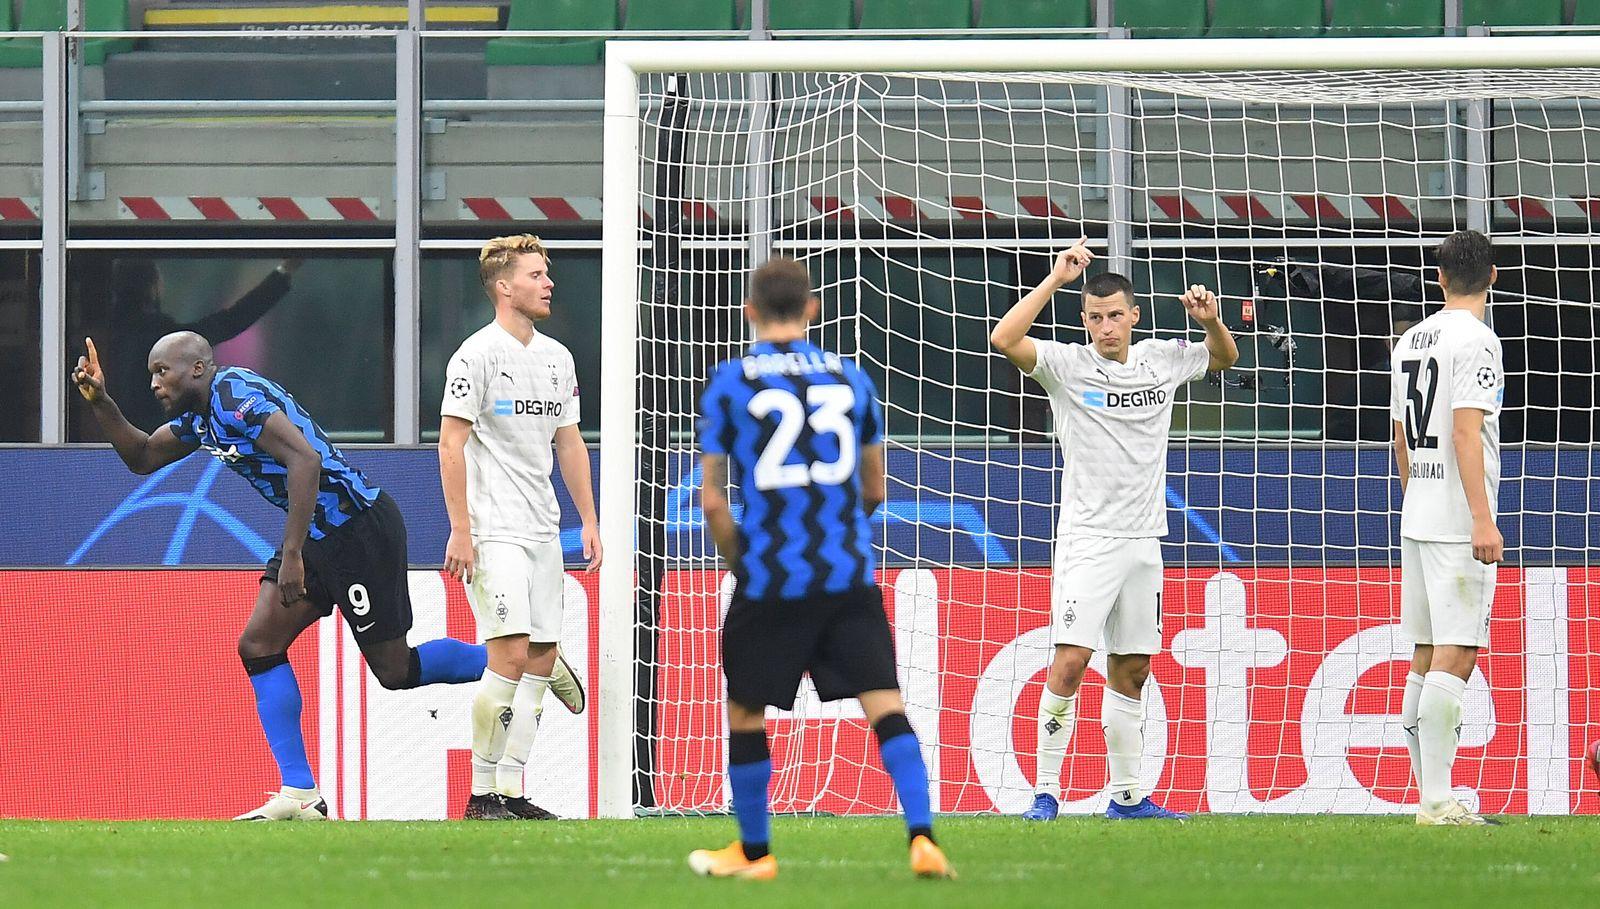 Borussia Monchengladbach 2 2 Vs Inter Mailand Soll Man Sich Daruber Jetzt Freuen Der Spiegel